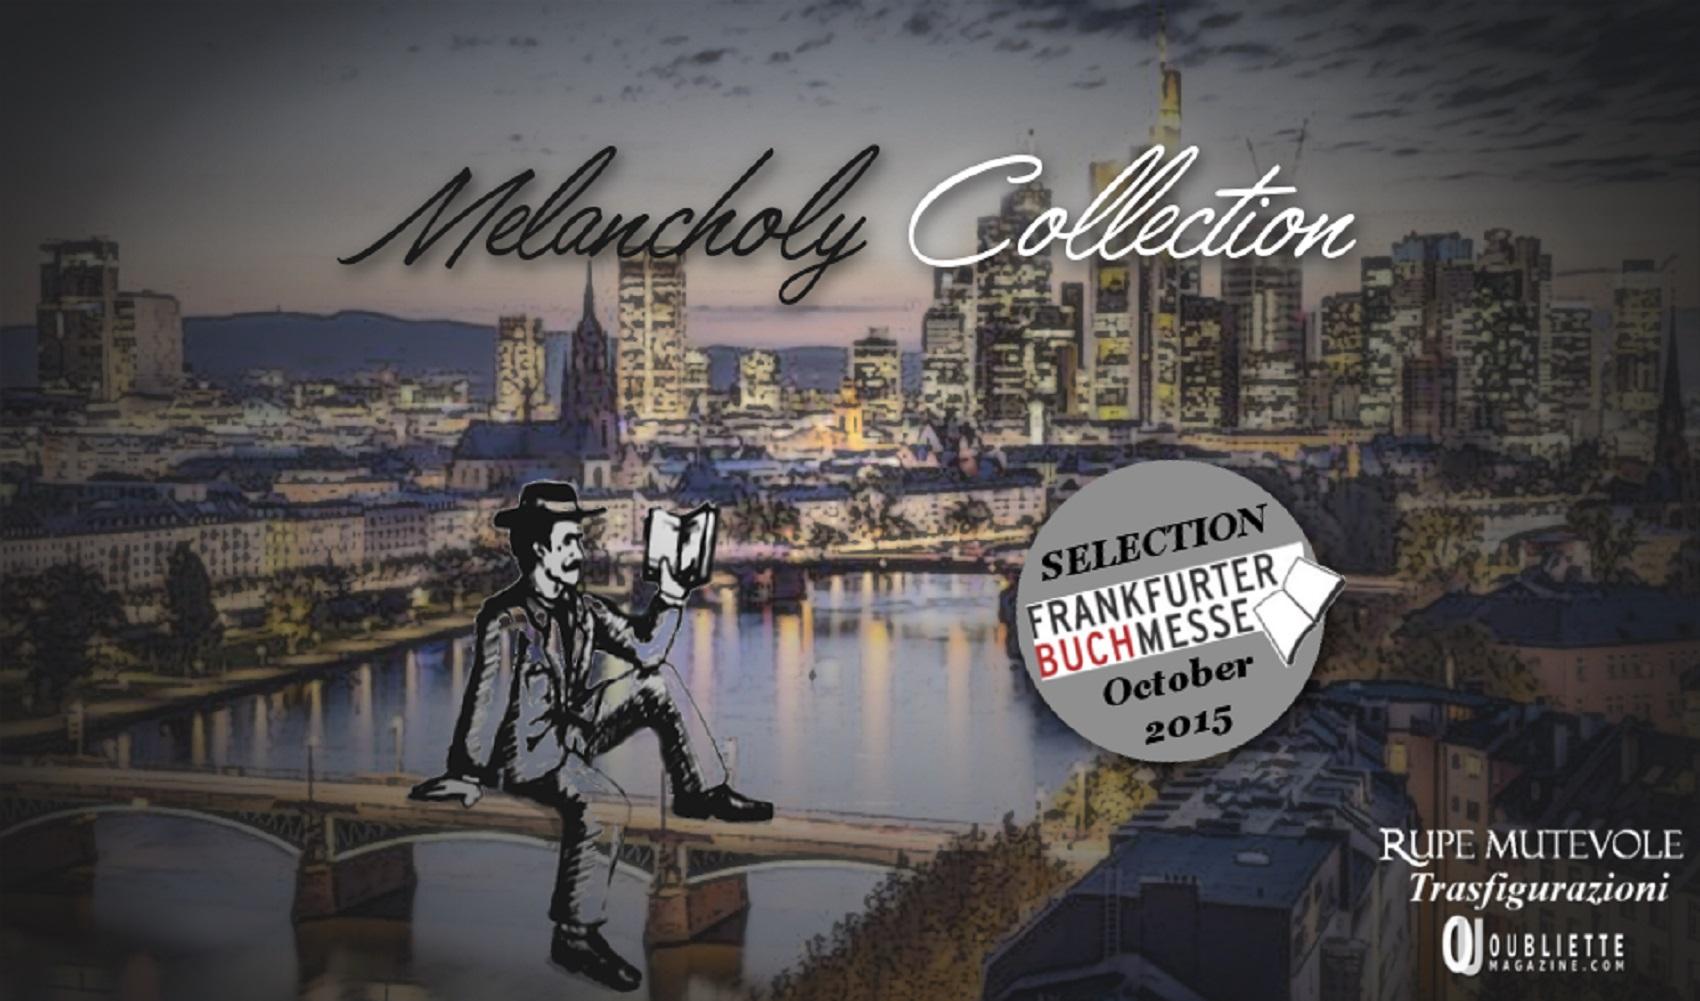 """""""Melancholy Collection"""": il nuovo progetto editoriale di Rupe Mutevole Edizioni – bando di partecipazione"""